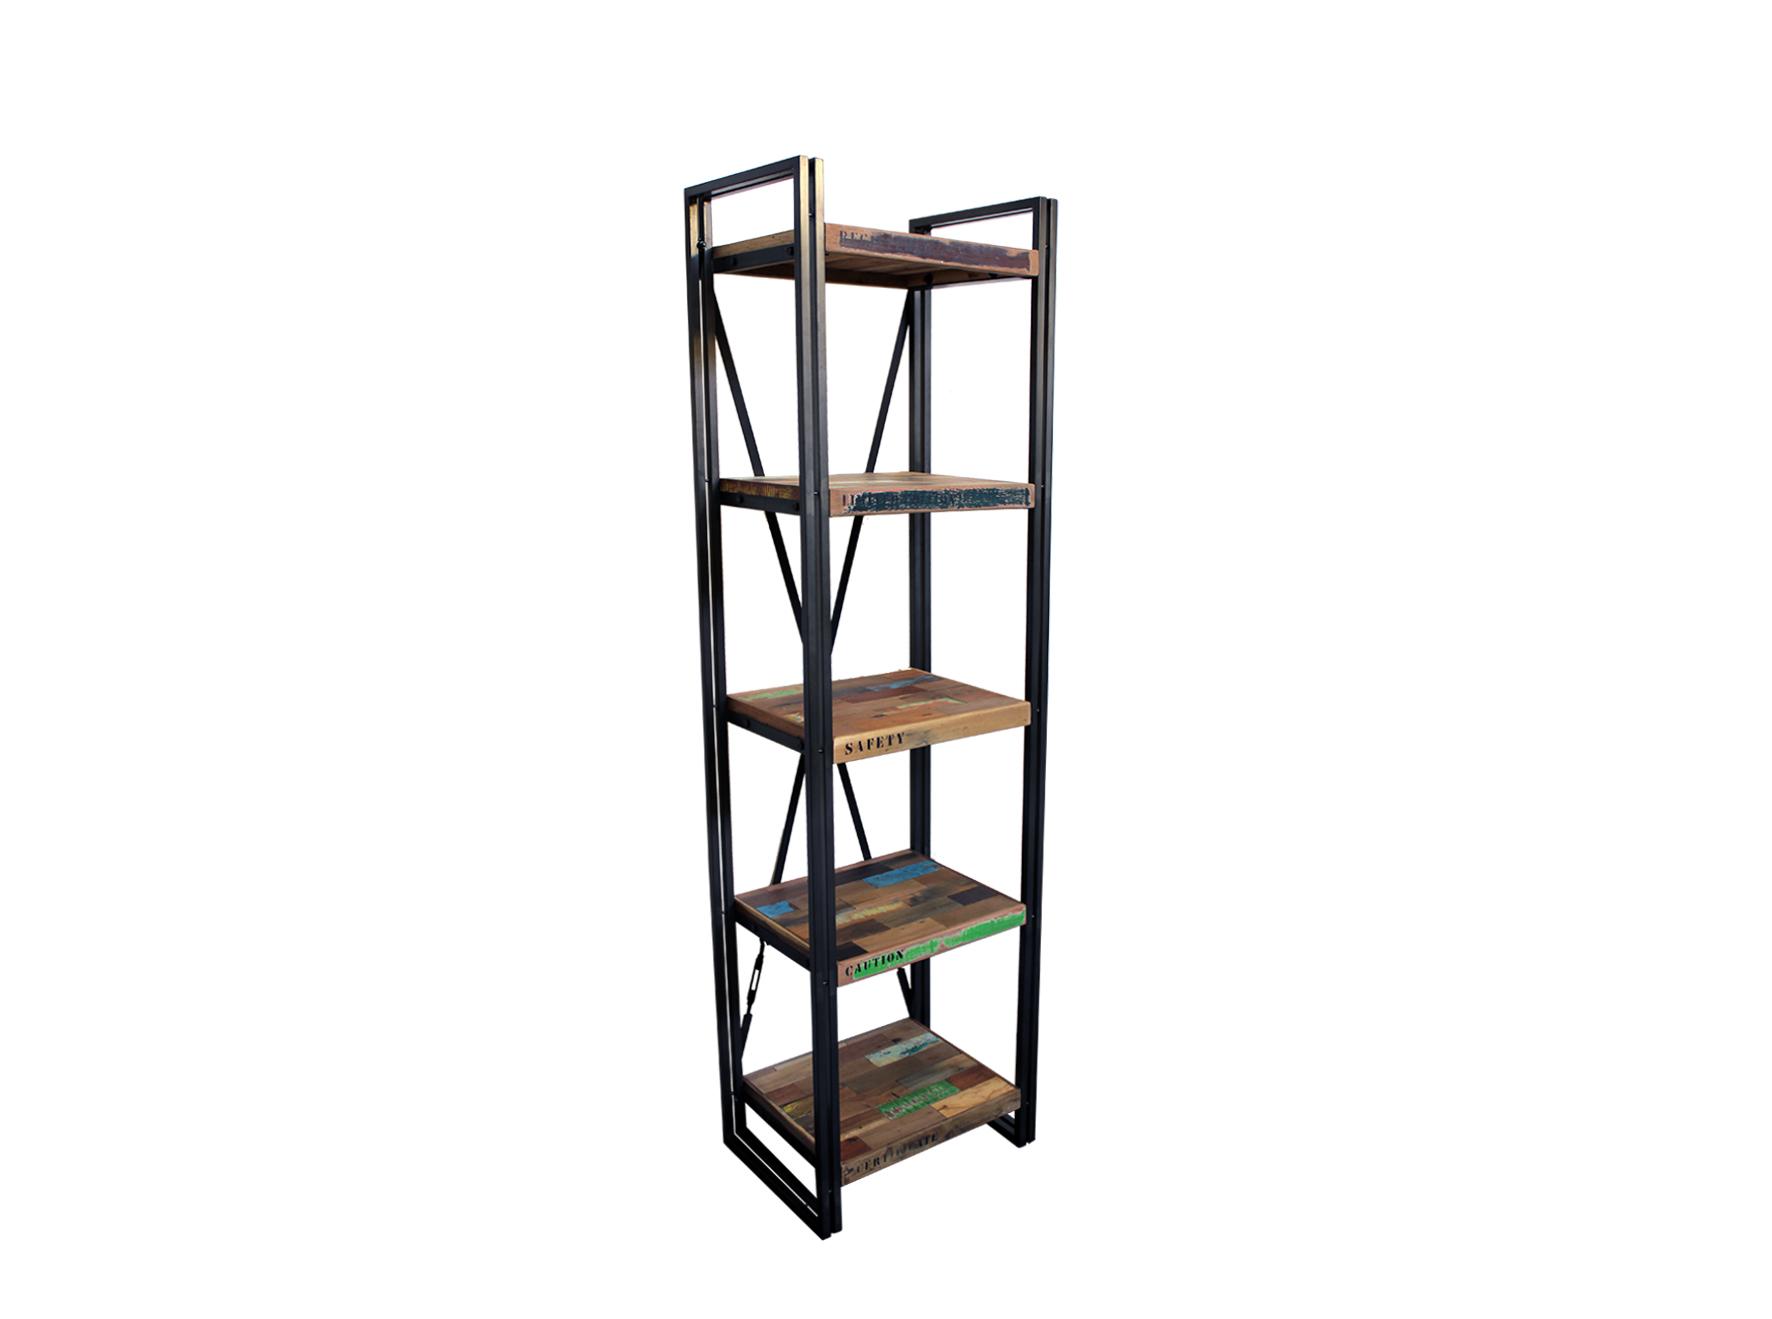 Indy libreria a giorno ripiani in legno e ferro